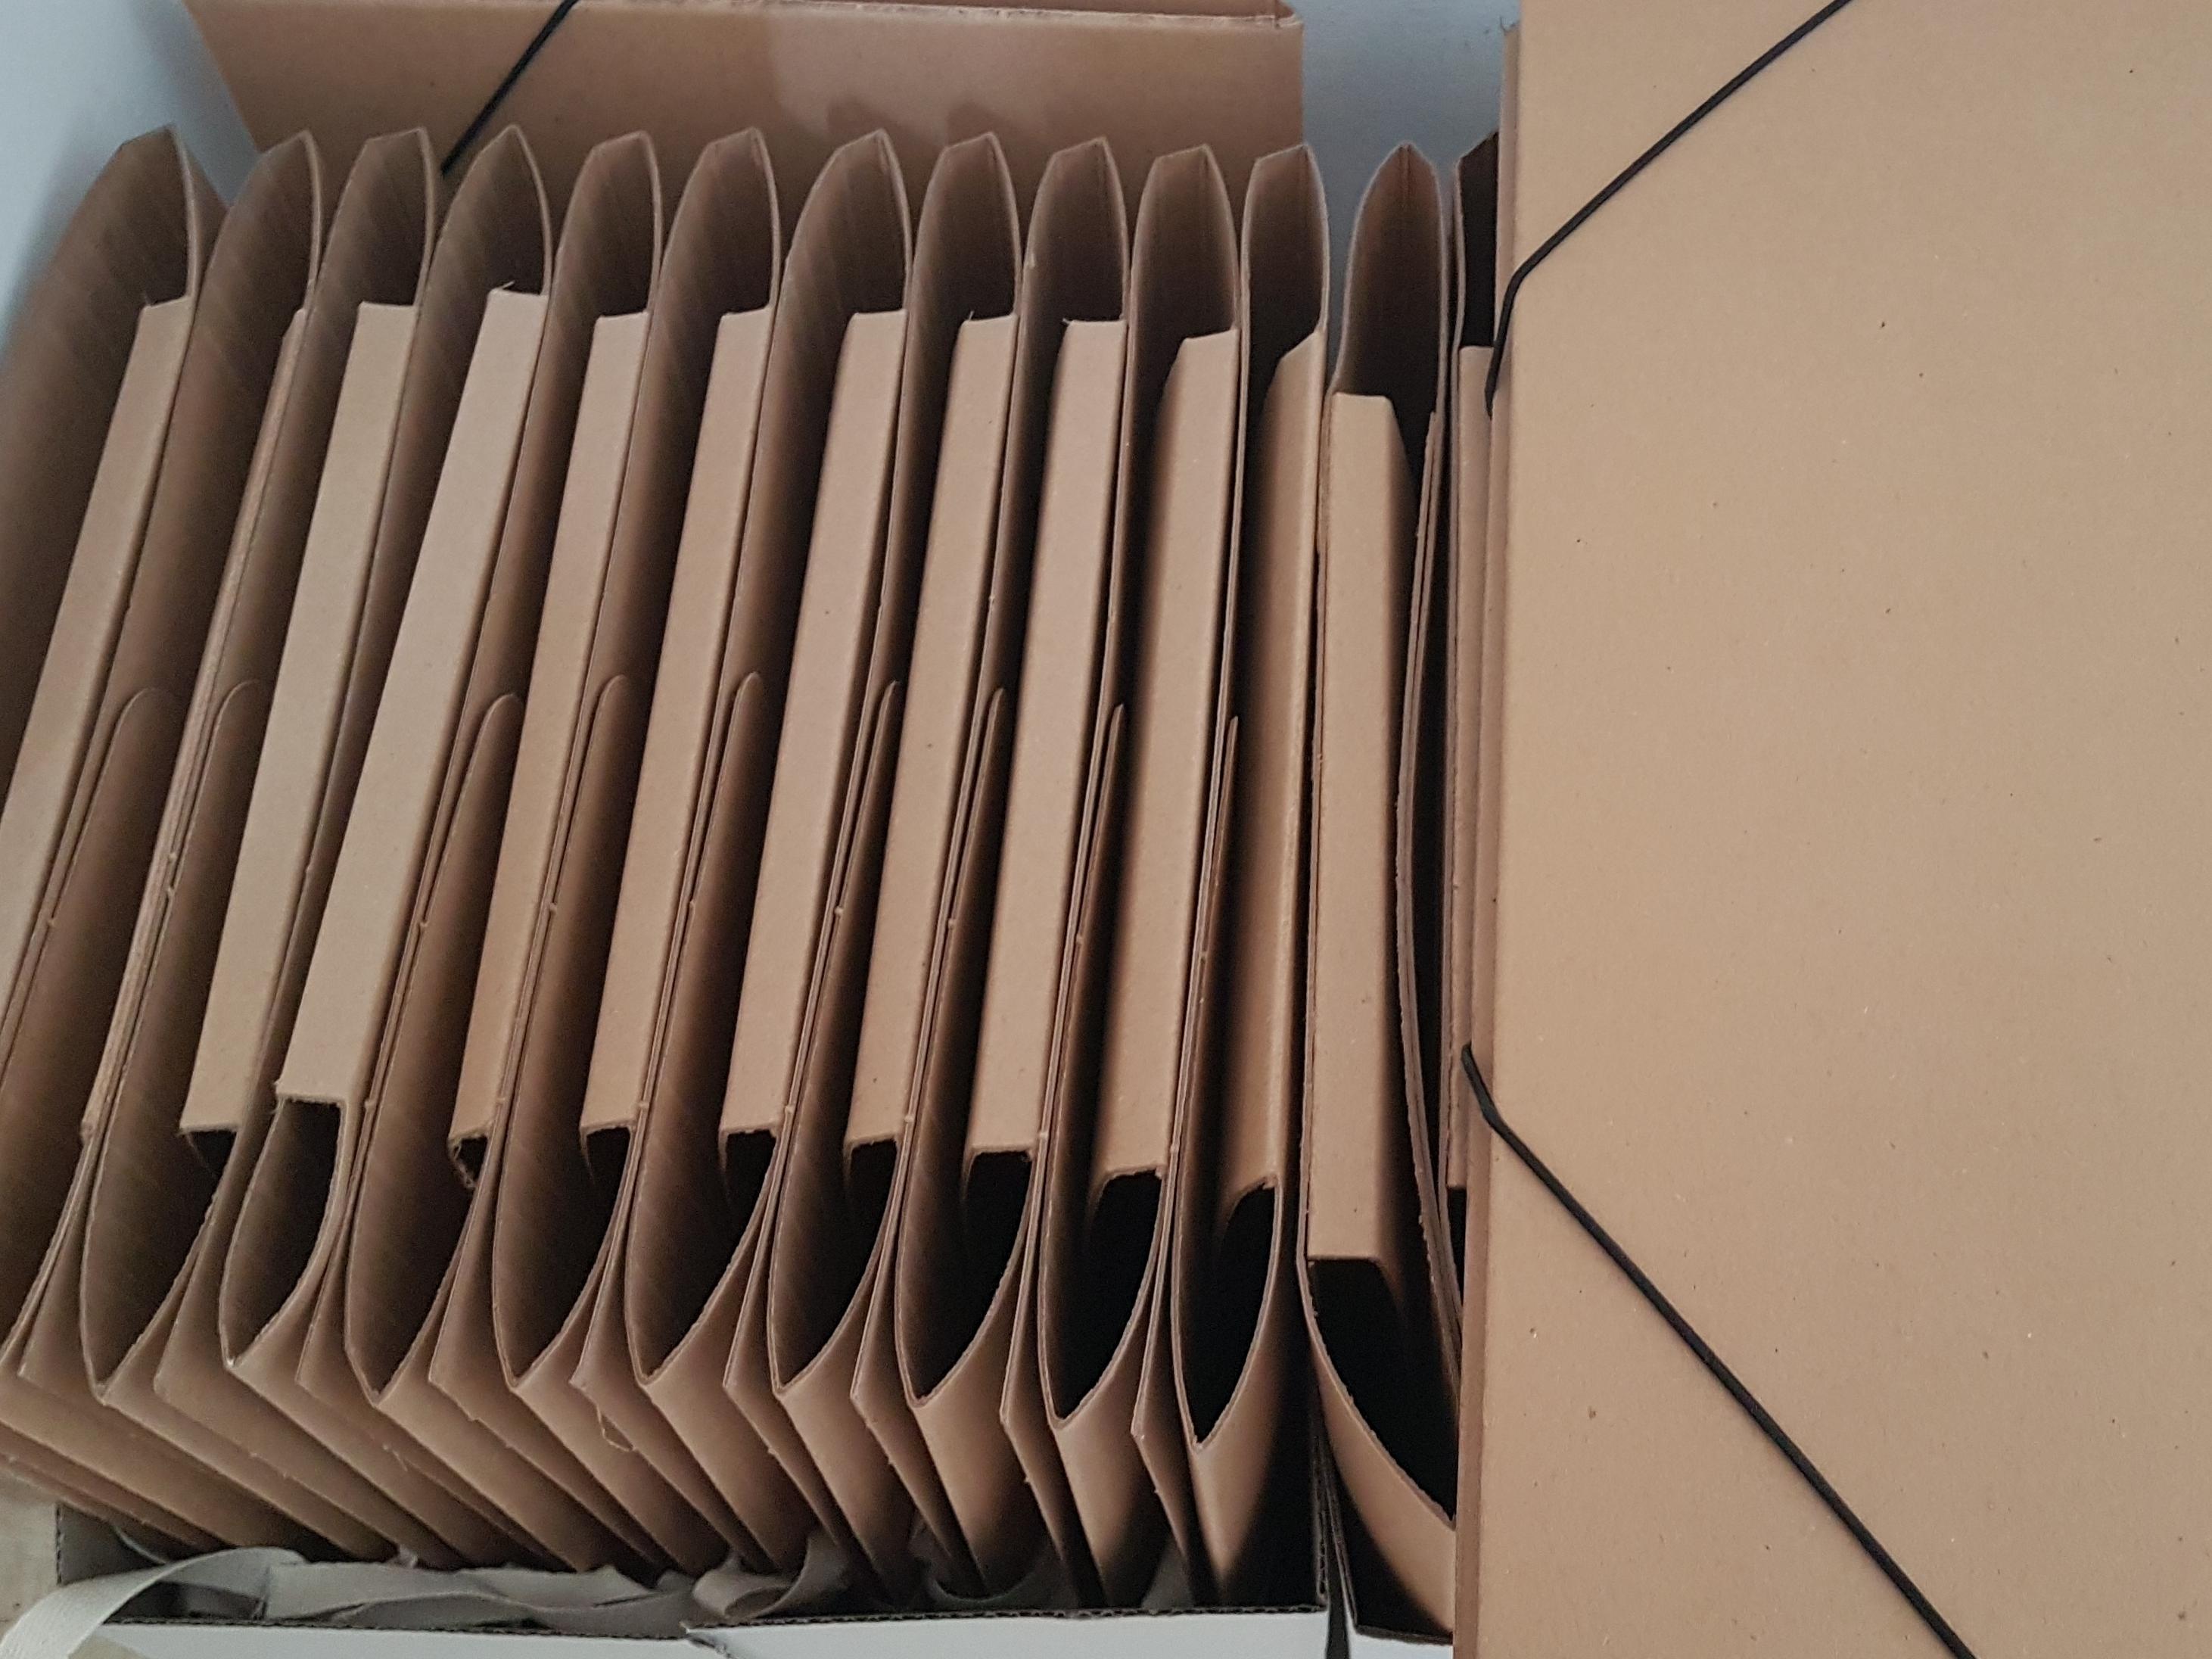 Tanie teczki kartonowe